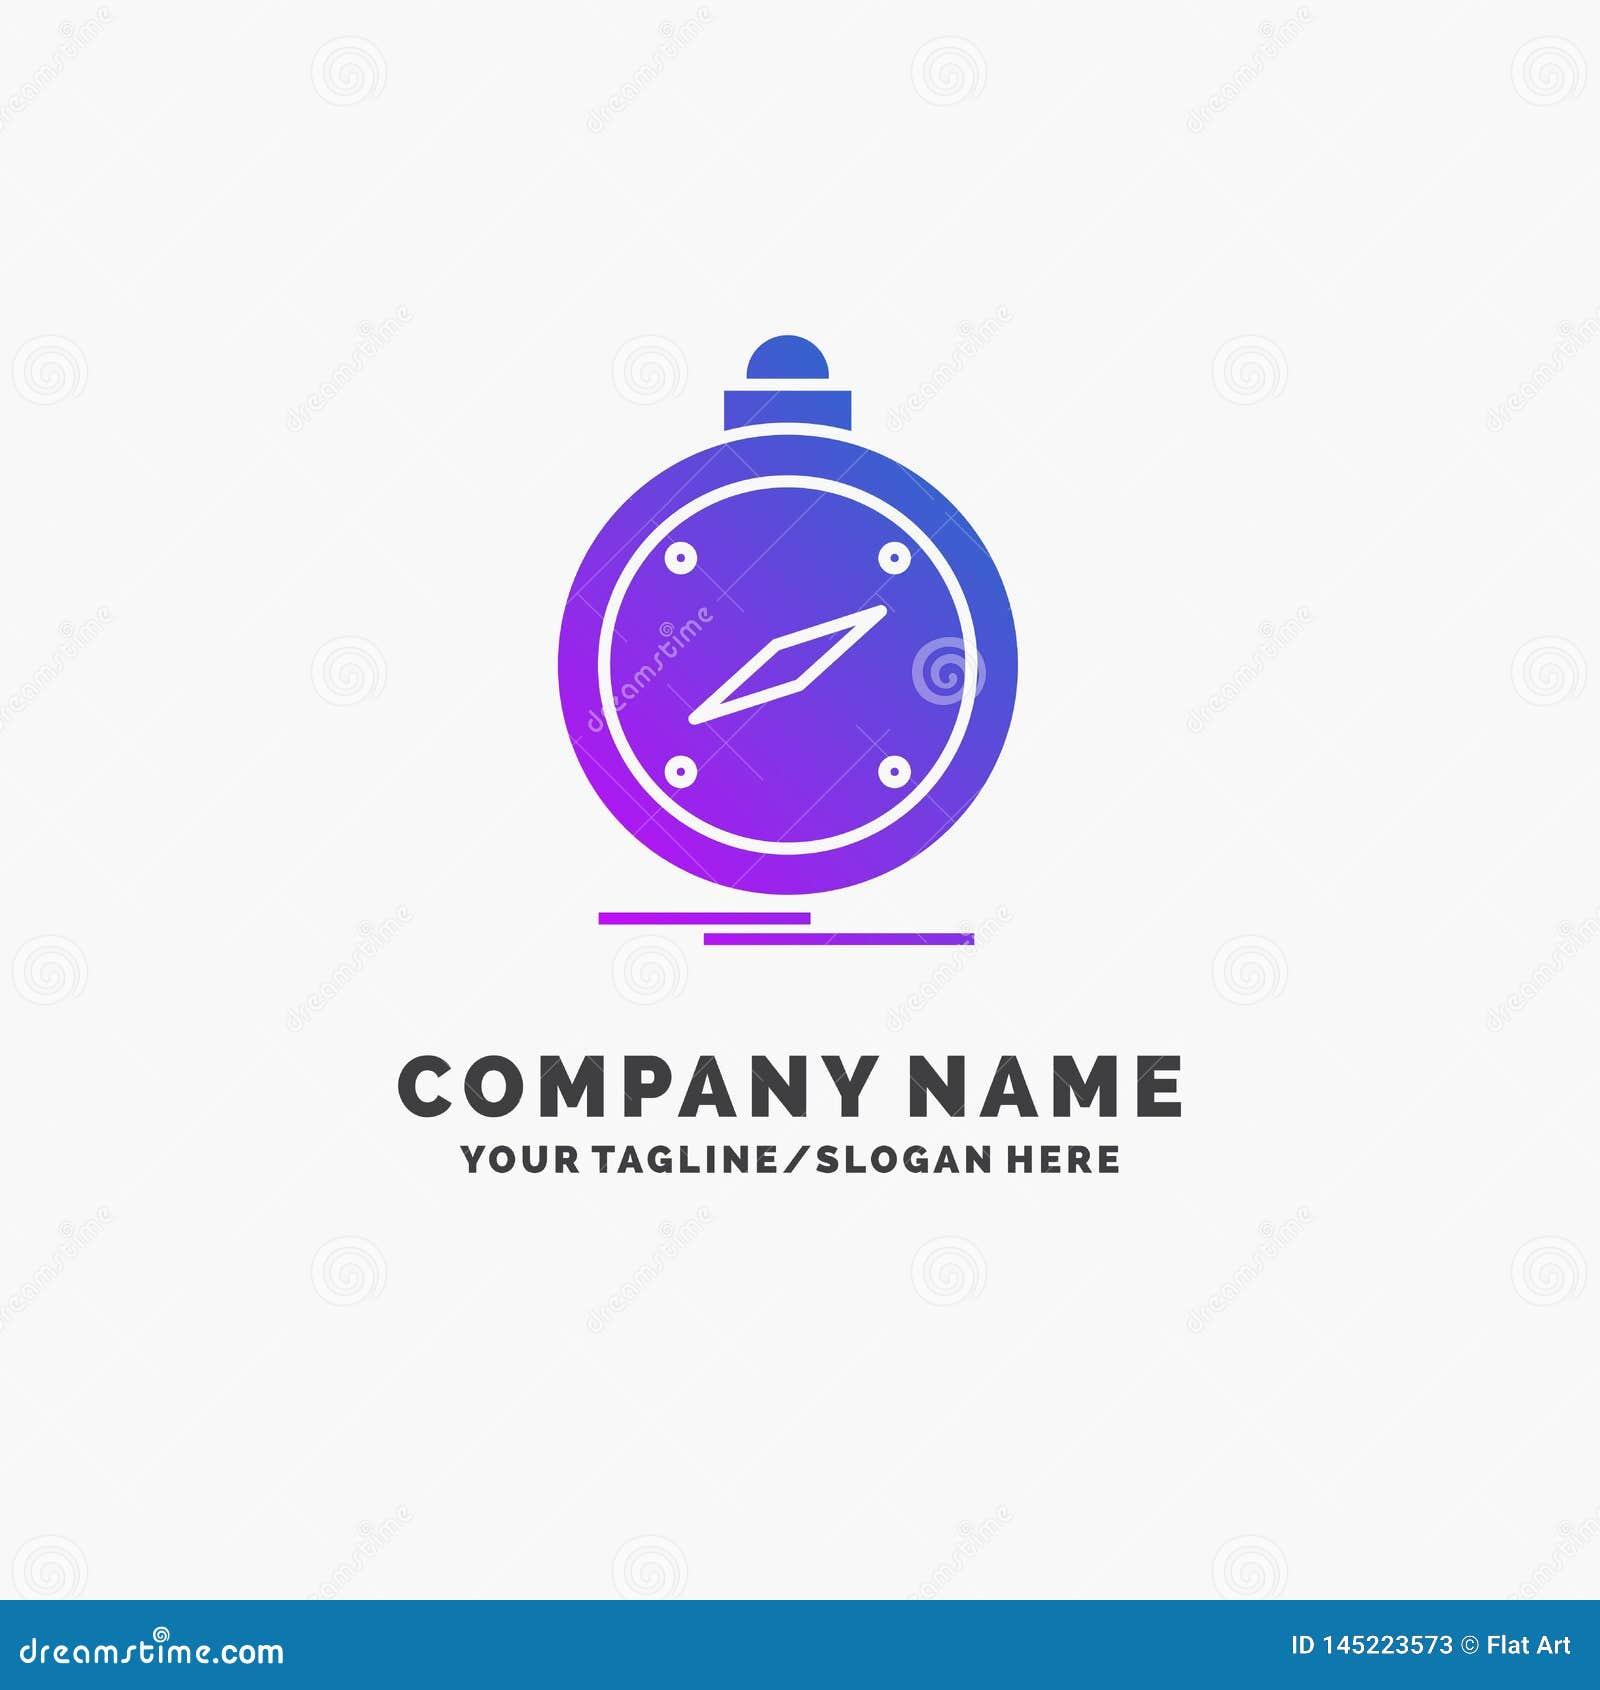 Kompass riktning, navigering, gps, purpurf?rgad aff?r Logo Template f?r l?ge St?lle f?r Tagline